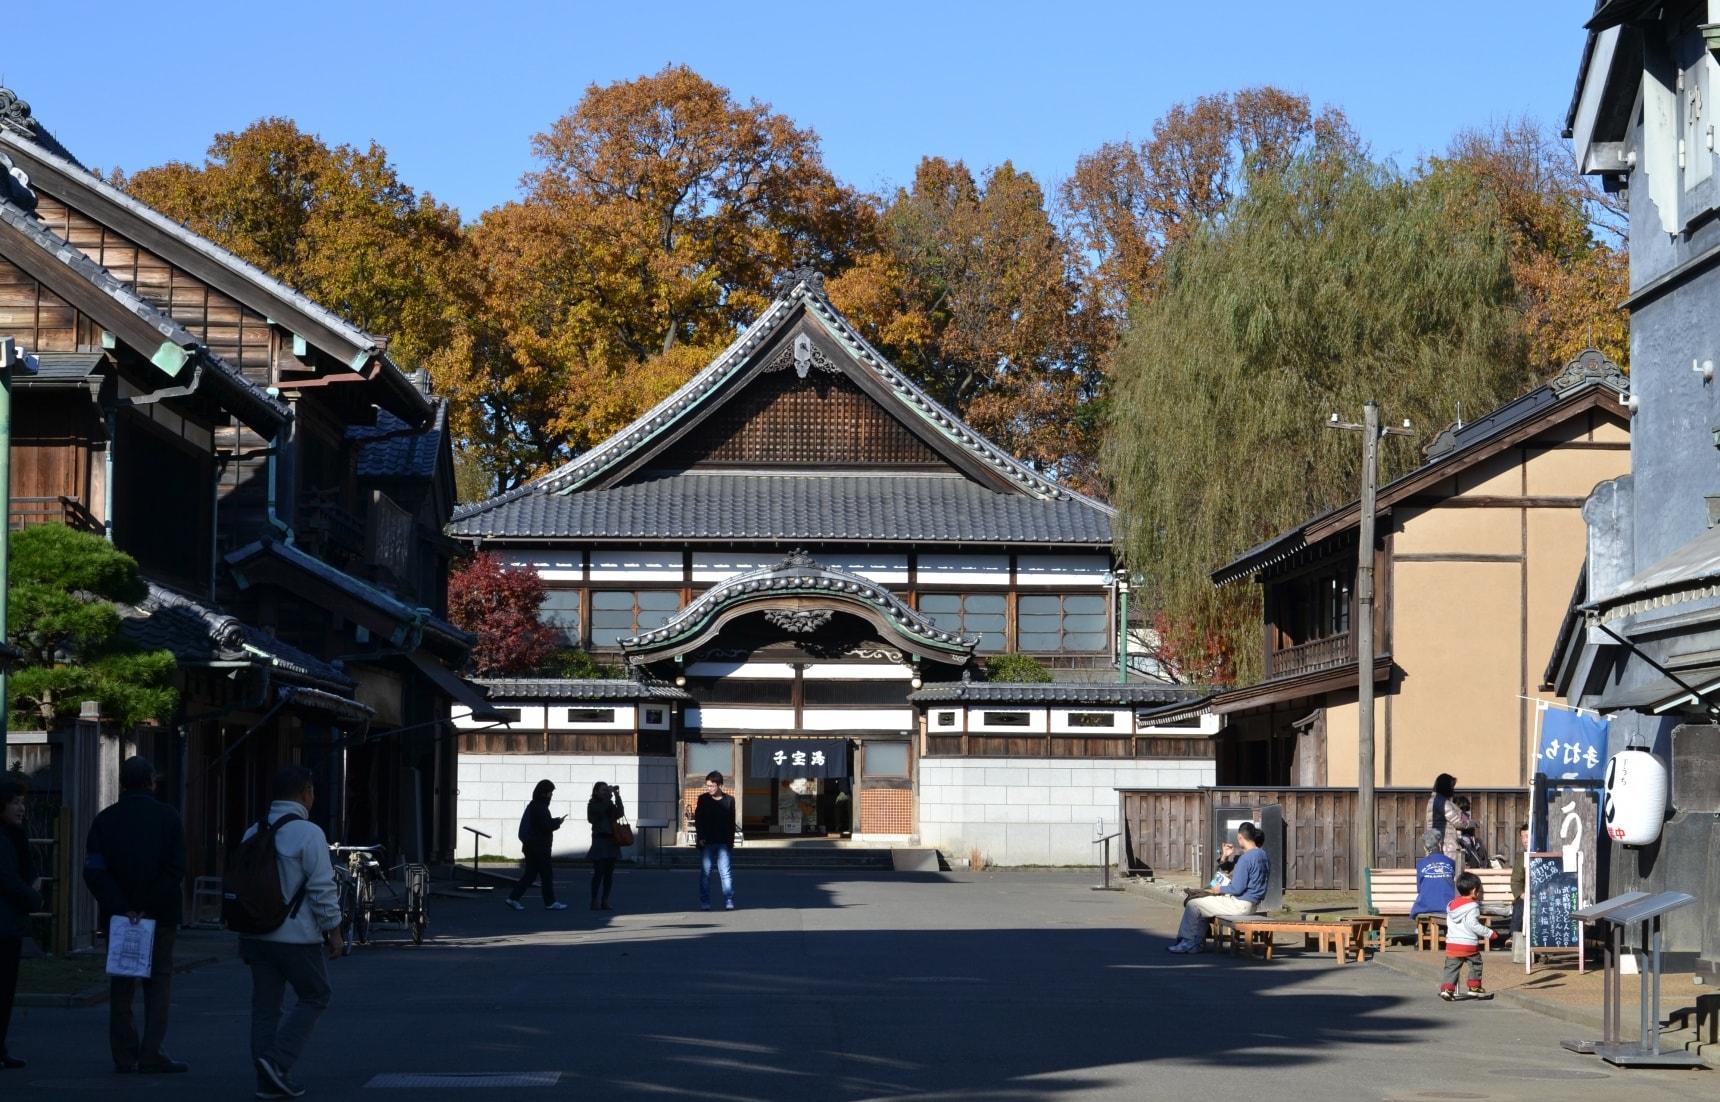 도쿄의 옛 건물을 찾아서 '에도도쿄타테모노엔'